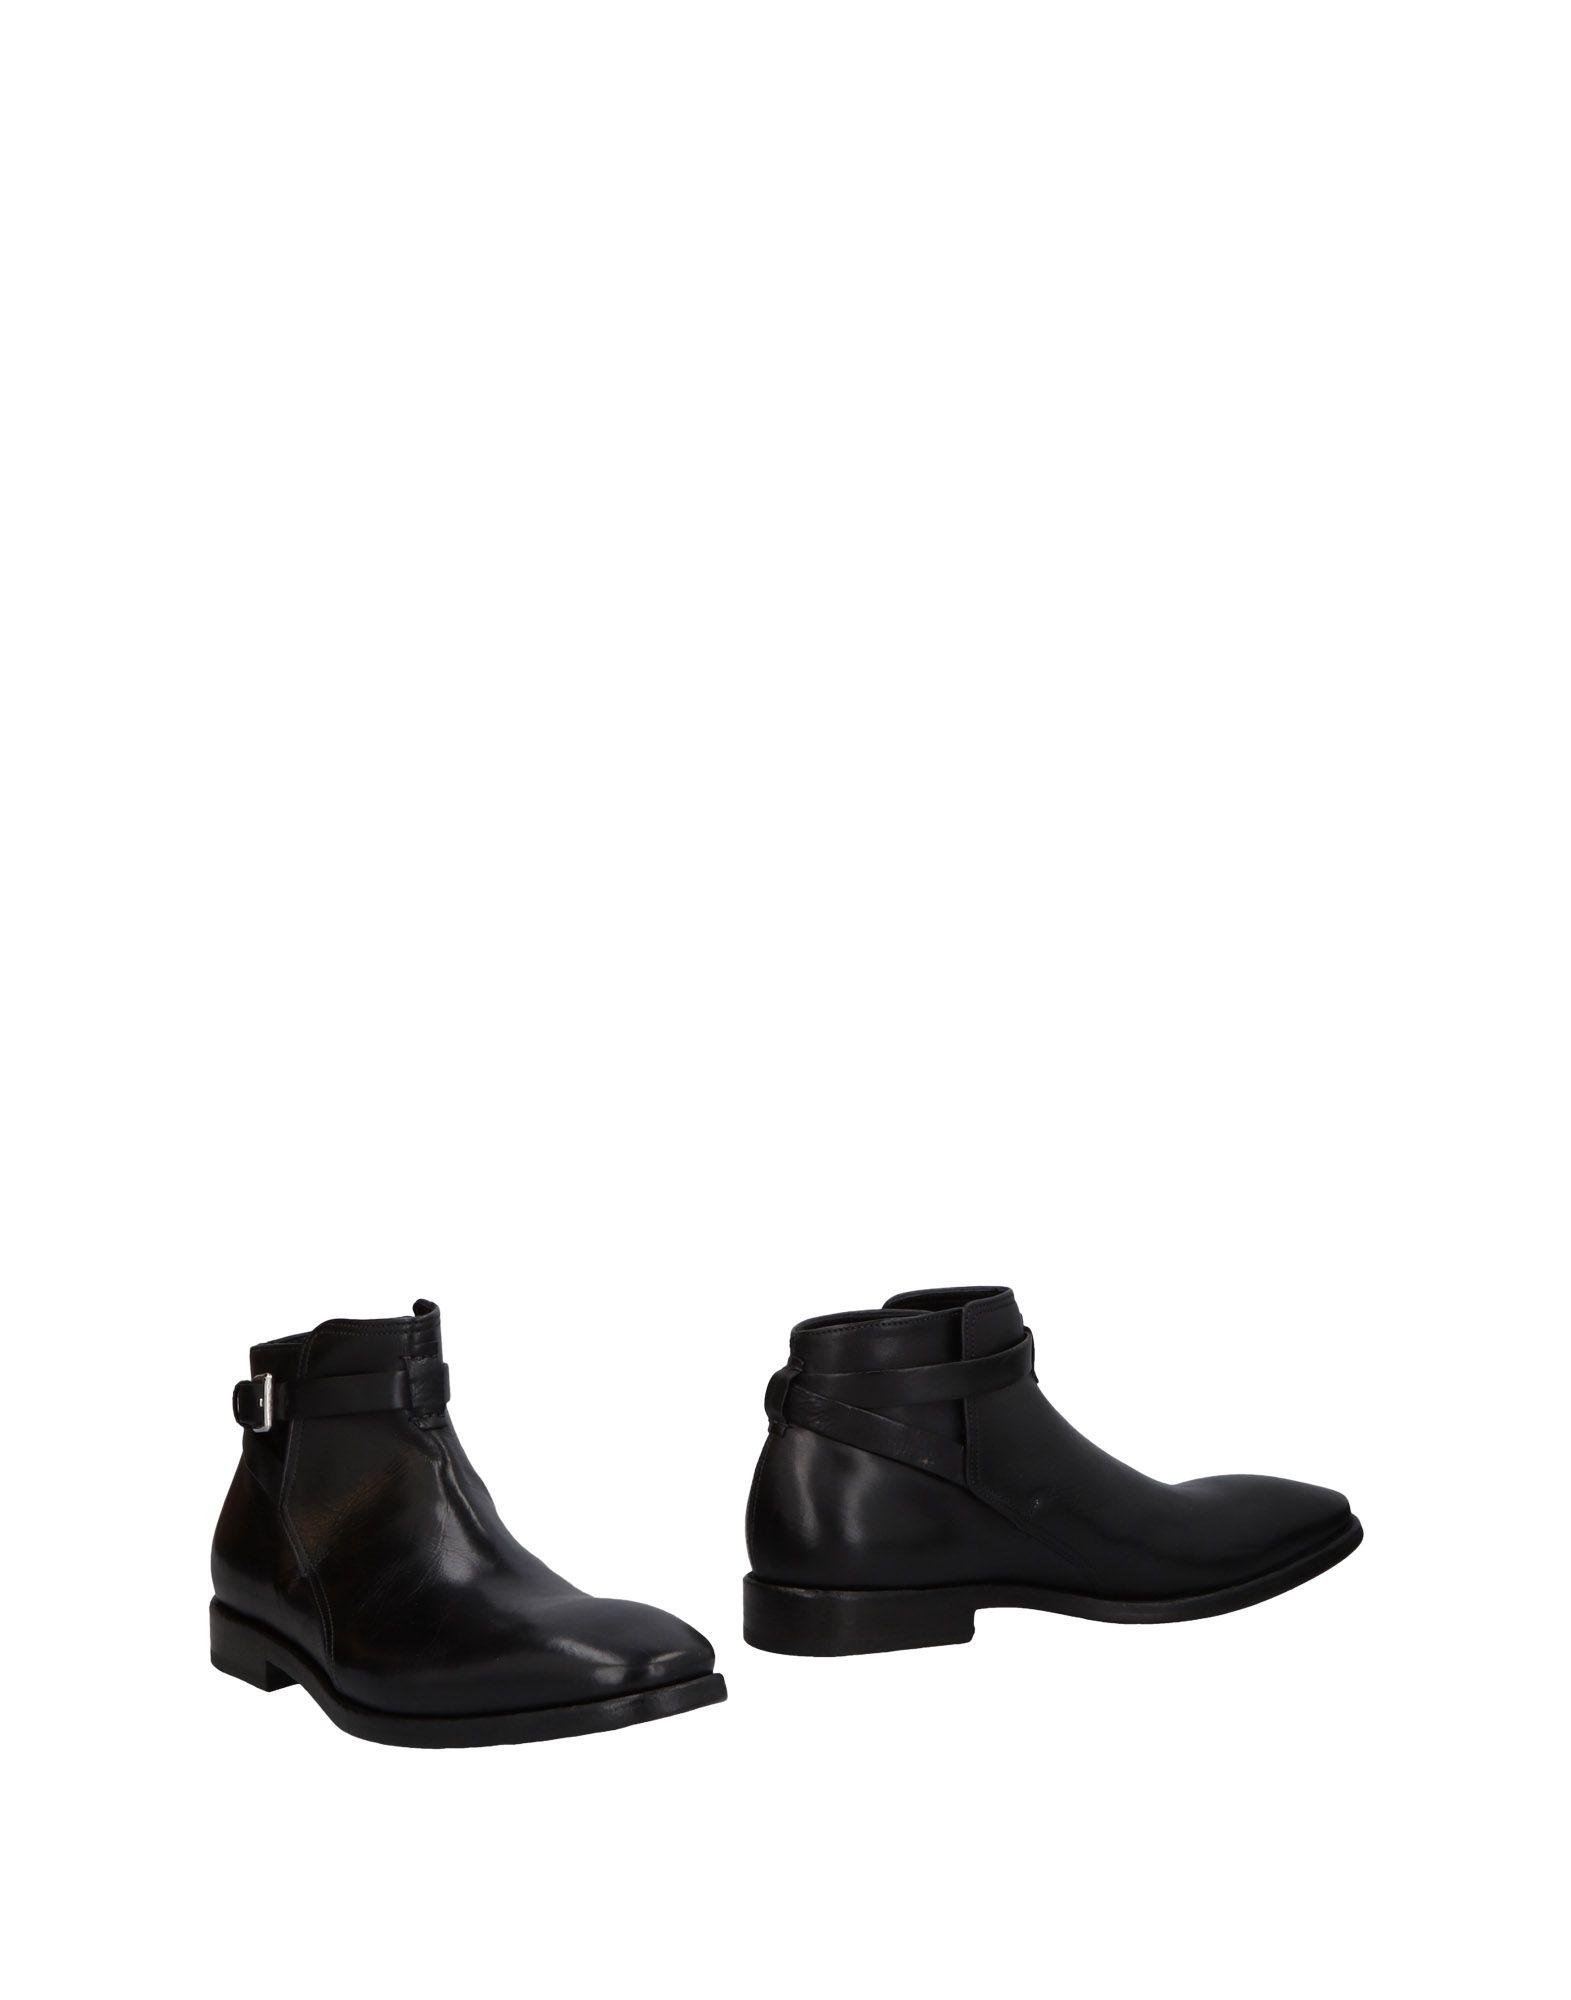 《送料無料》PREVENTI メンズ ショートブーツ ブラック 40 革